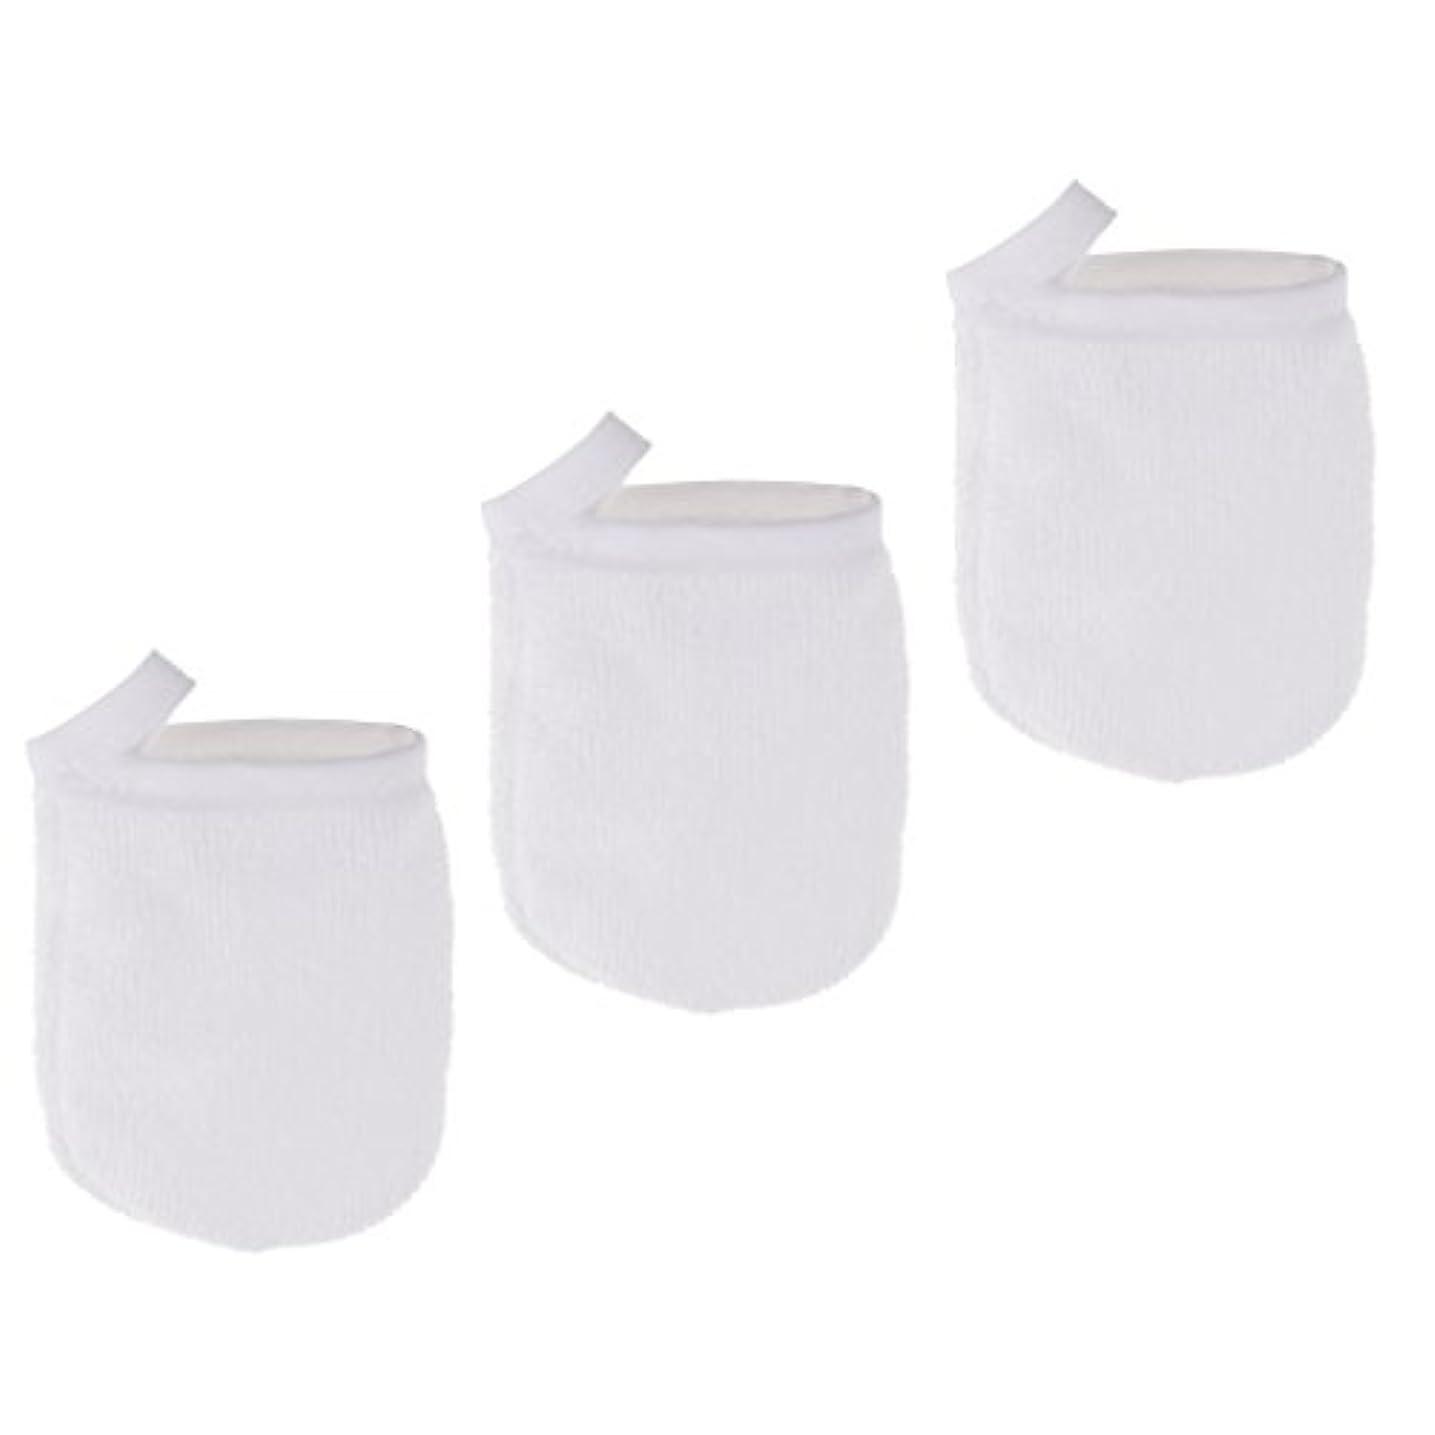 ピストル想定する出発する手袋 グローブ 洗顔グローブ フェイシャル クレンジンググローブ 洗顔タオル スキンケア 3個